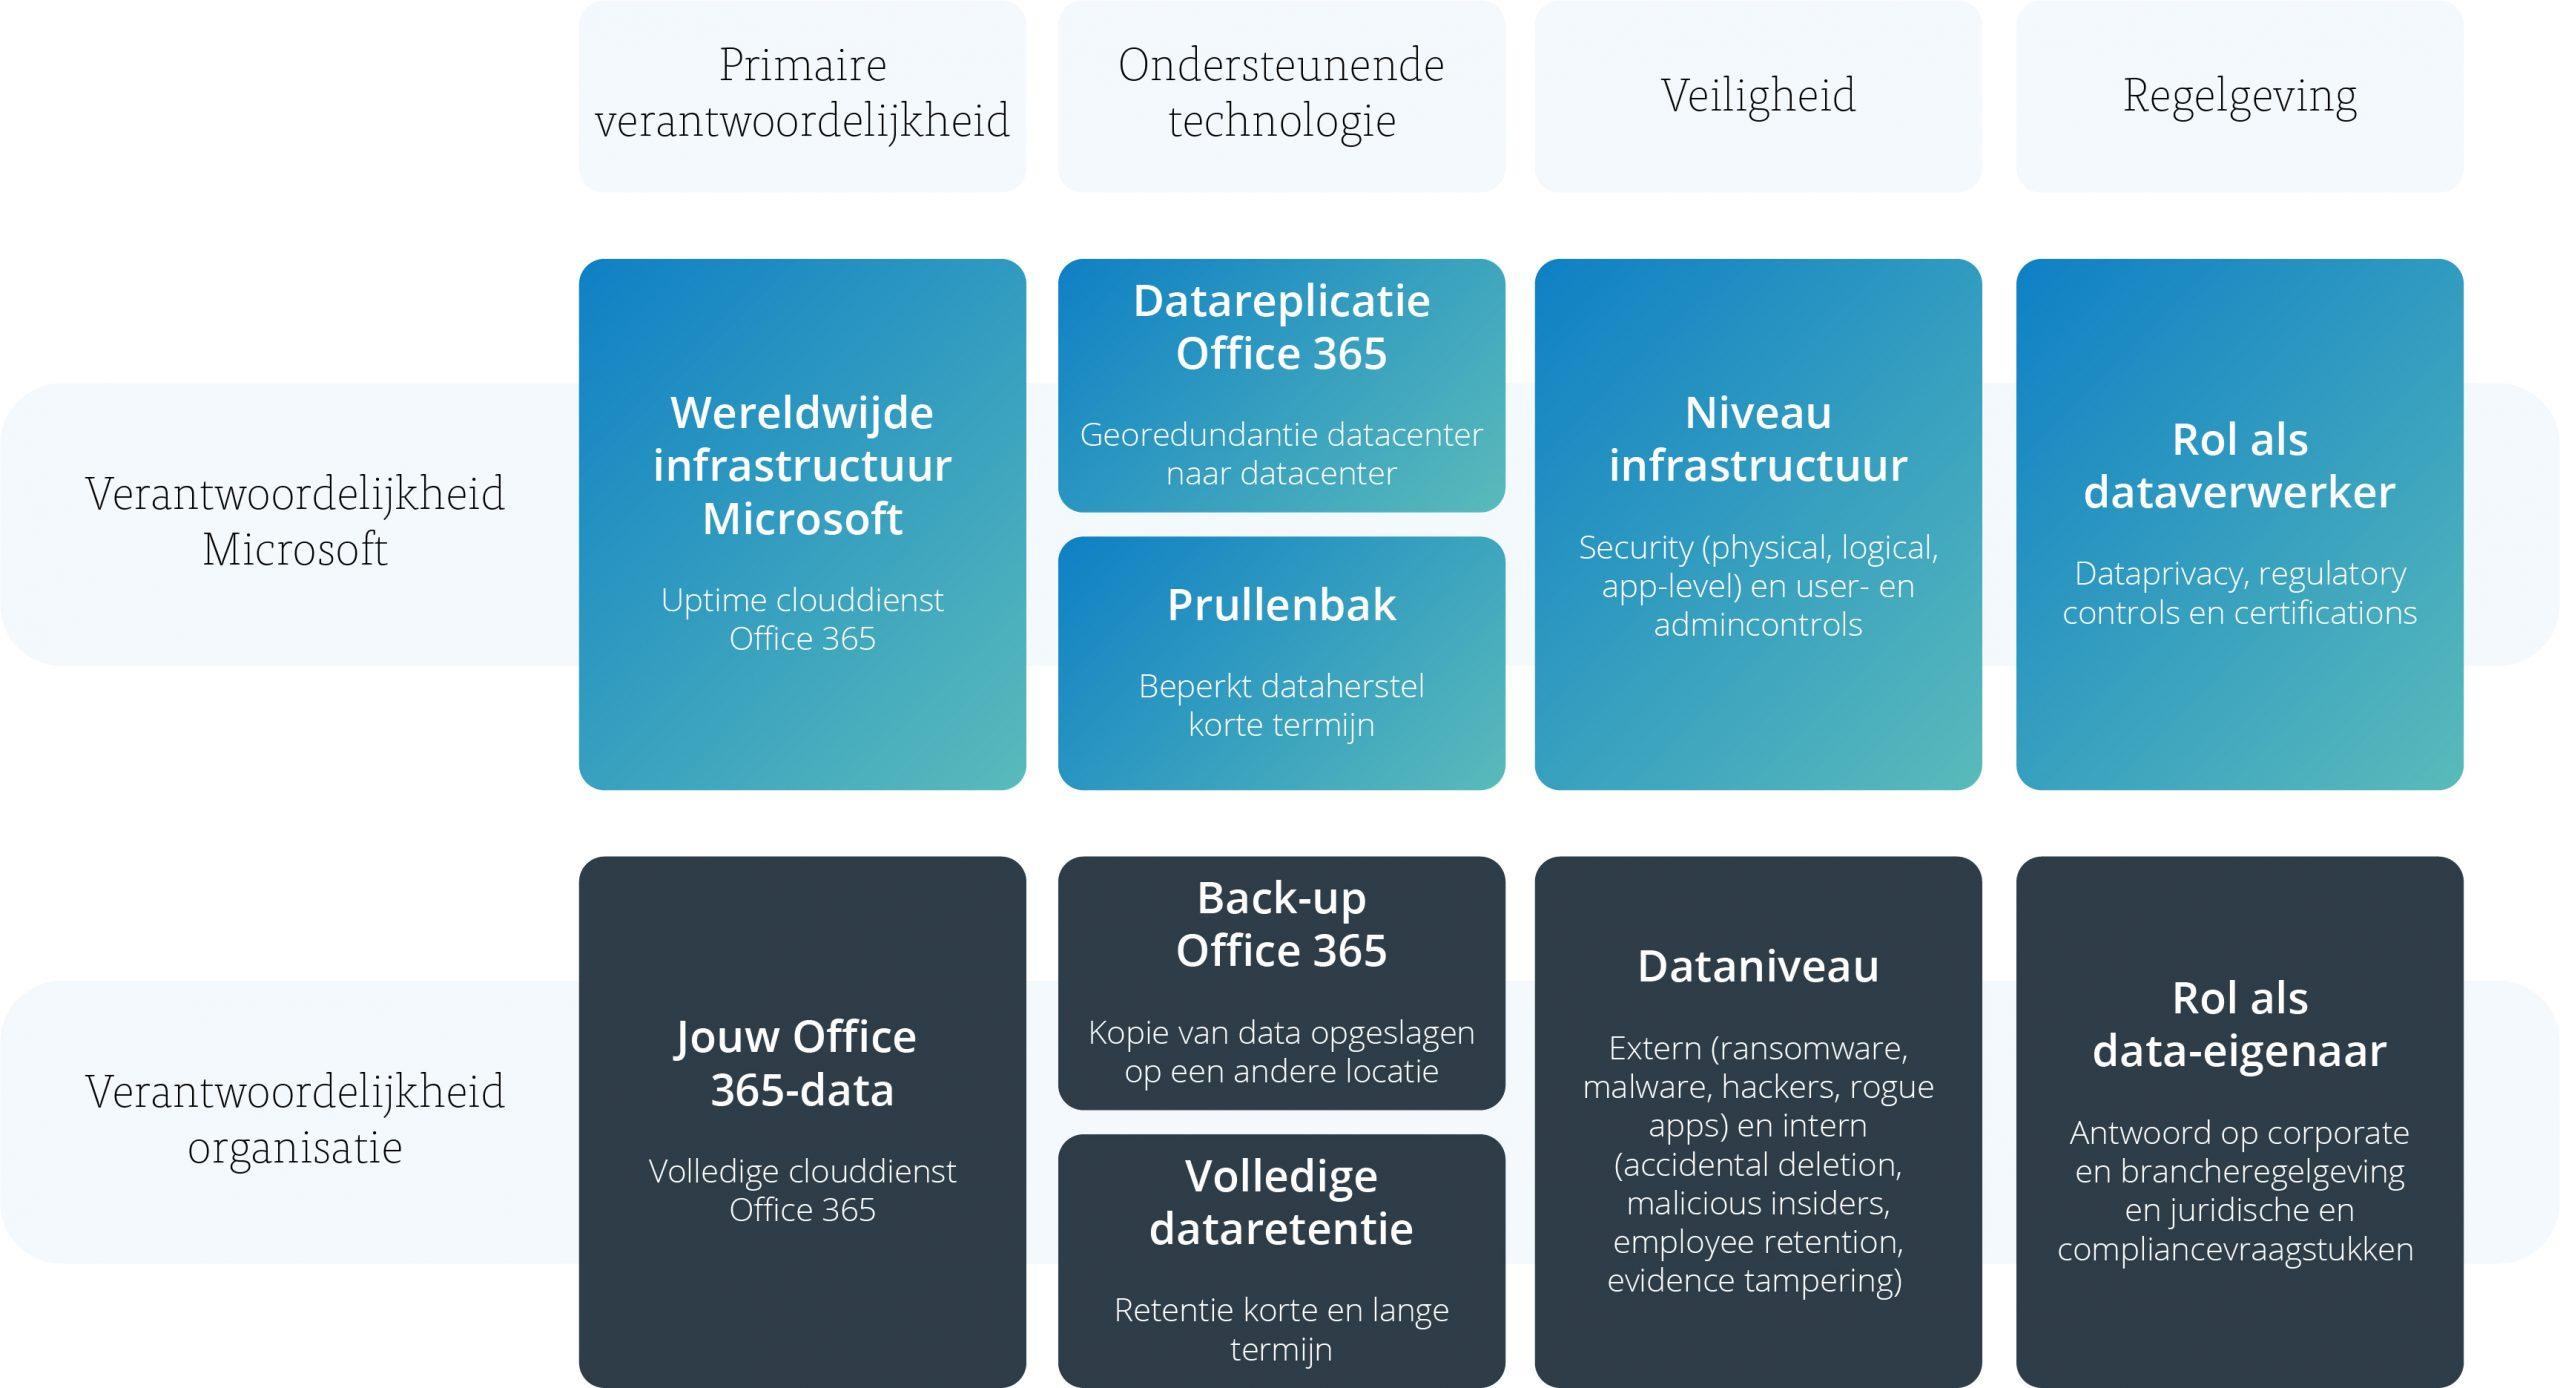 Model back-up voor Office 365 - afbeelding 5